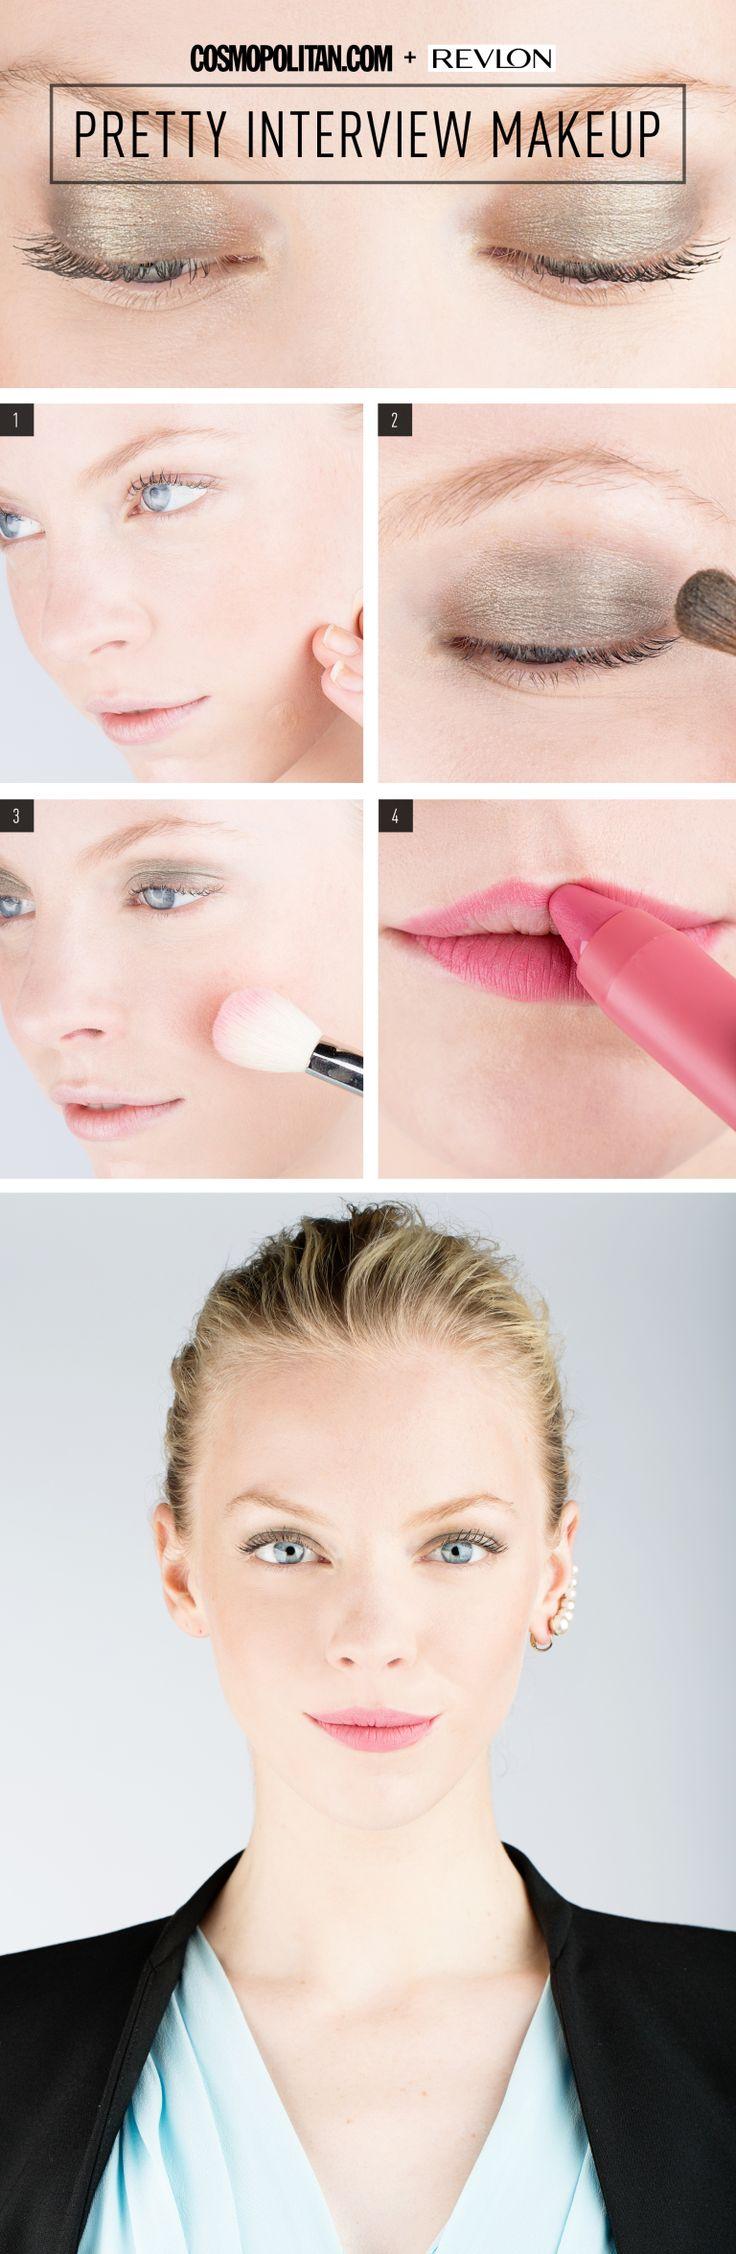 ¿Cómo crear el maquillaje perfecto para una entrevista de trabajo? Aquí en este sencillo tutorial.